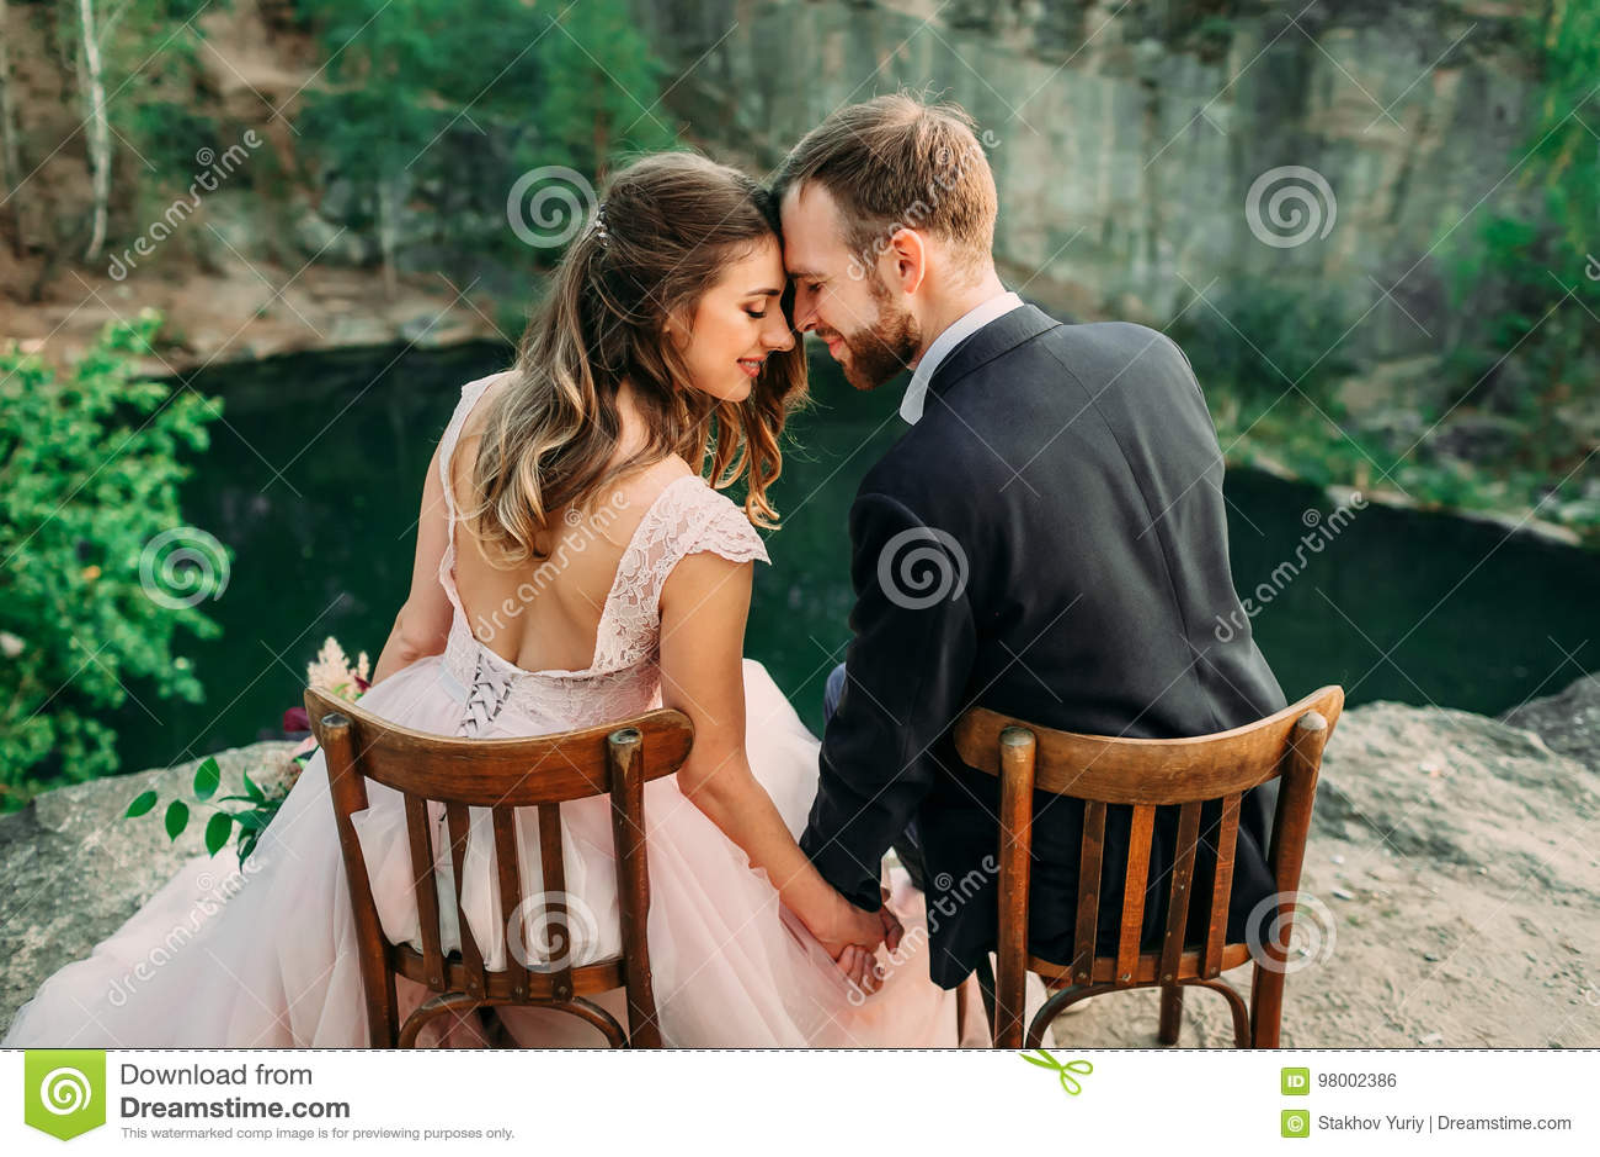 Recienes casados que se sientan en el borde del barranco y de los pares que se miran con dulzura y amor Novia y novio